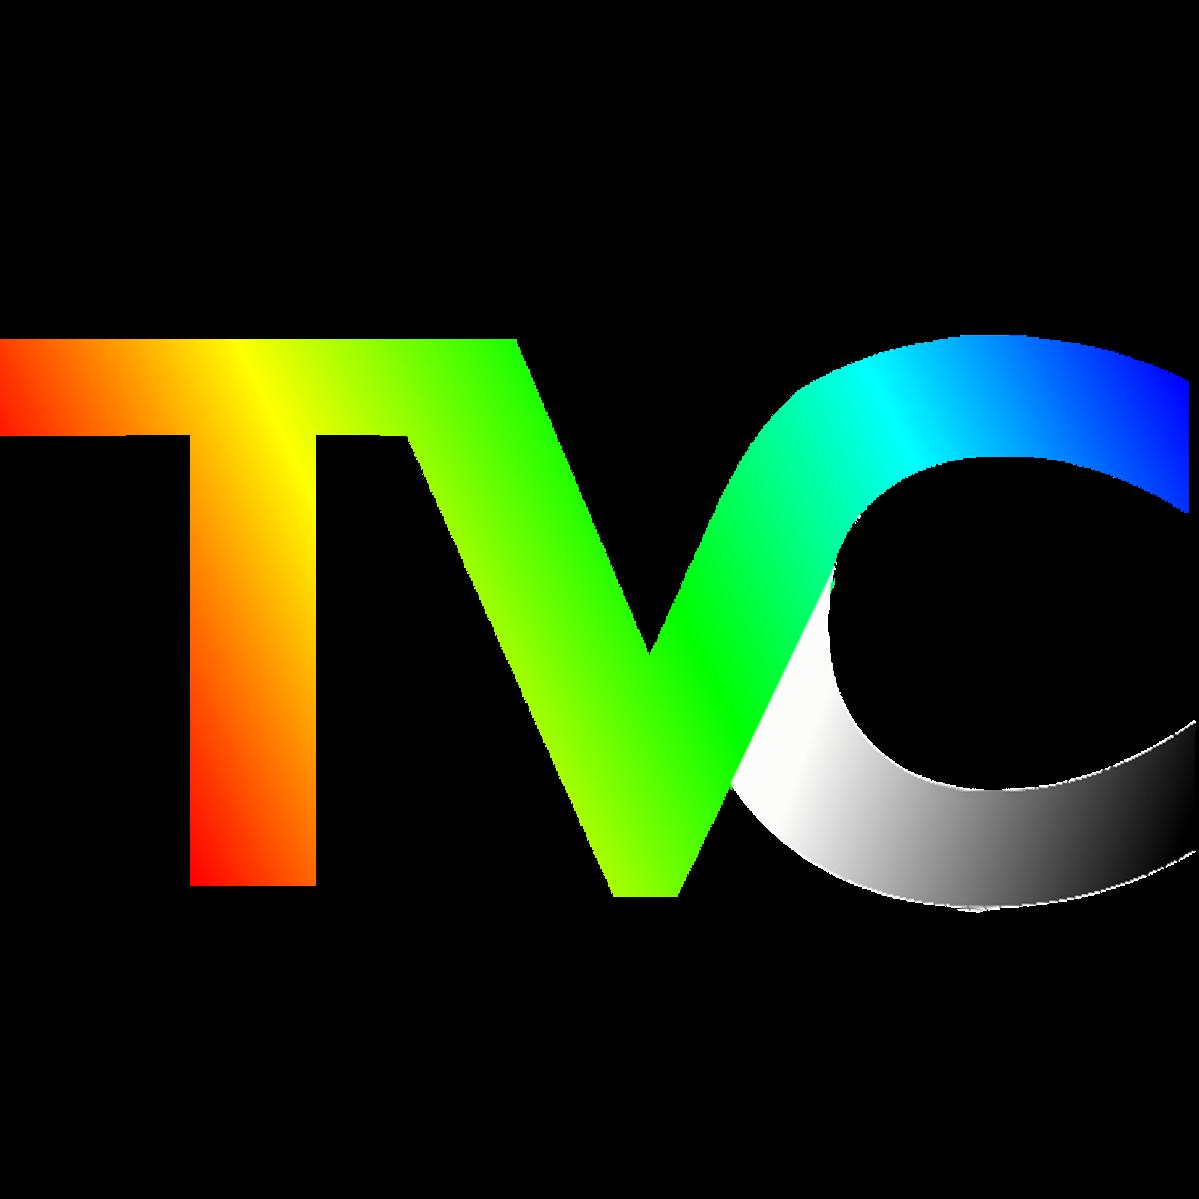 TORMY VAN COOL MEDIA PRODUCTIONS